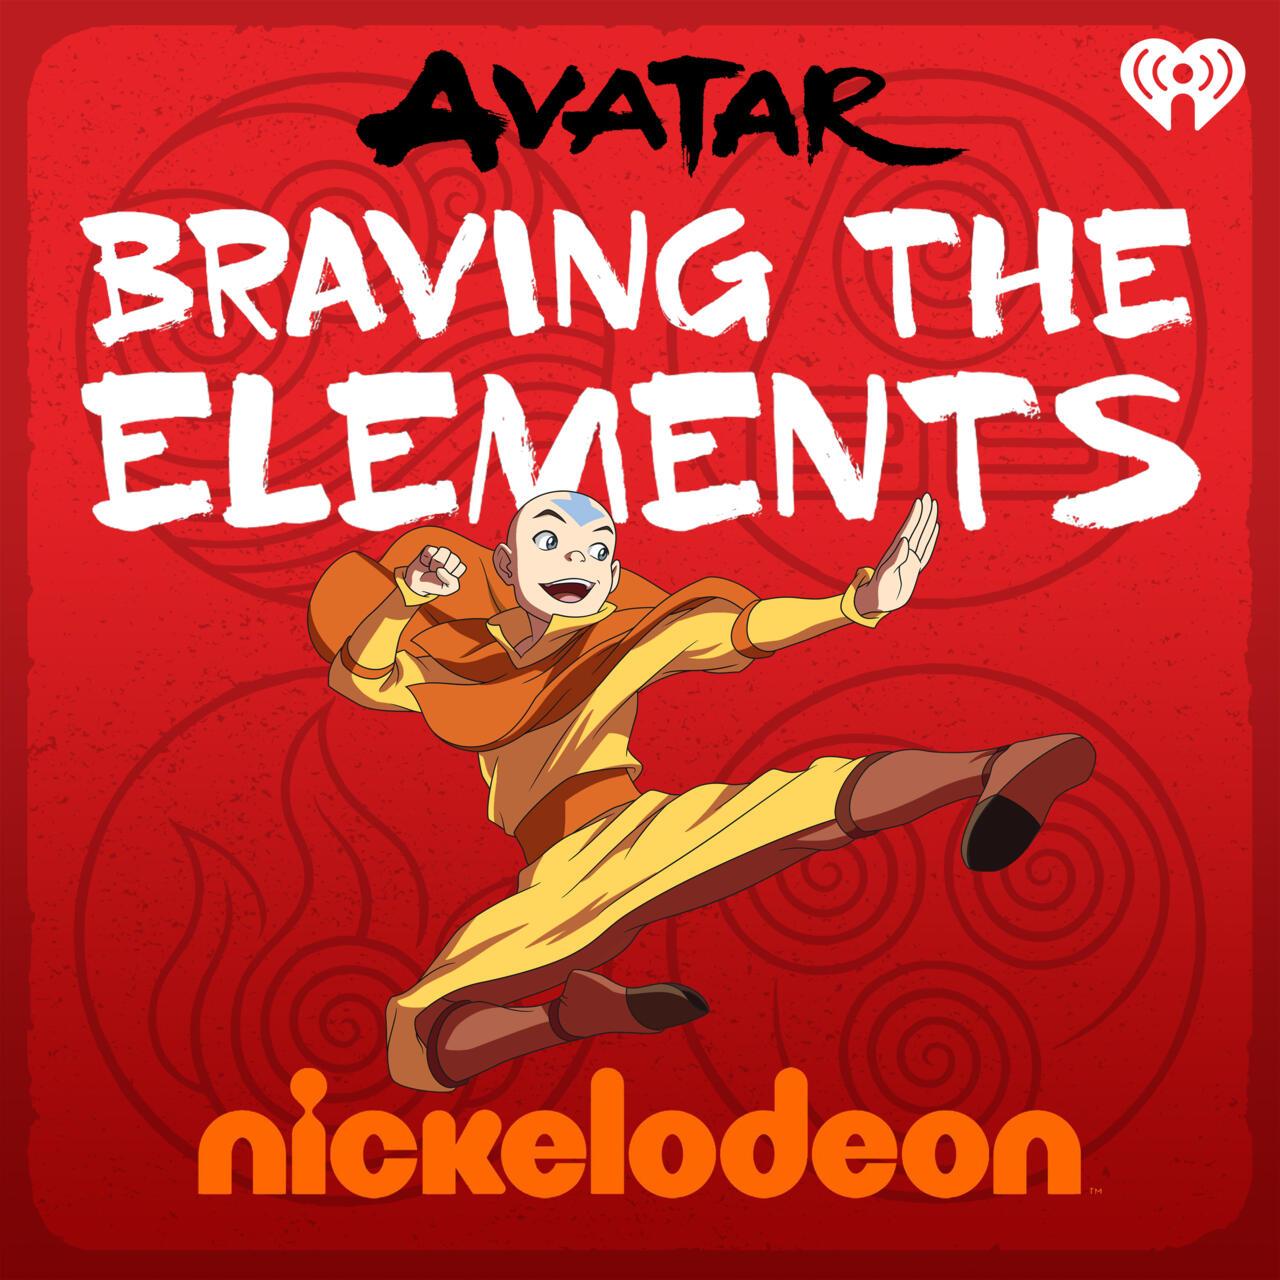 A arte chave para o novo podcast Avatar da Nickelodeon